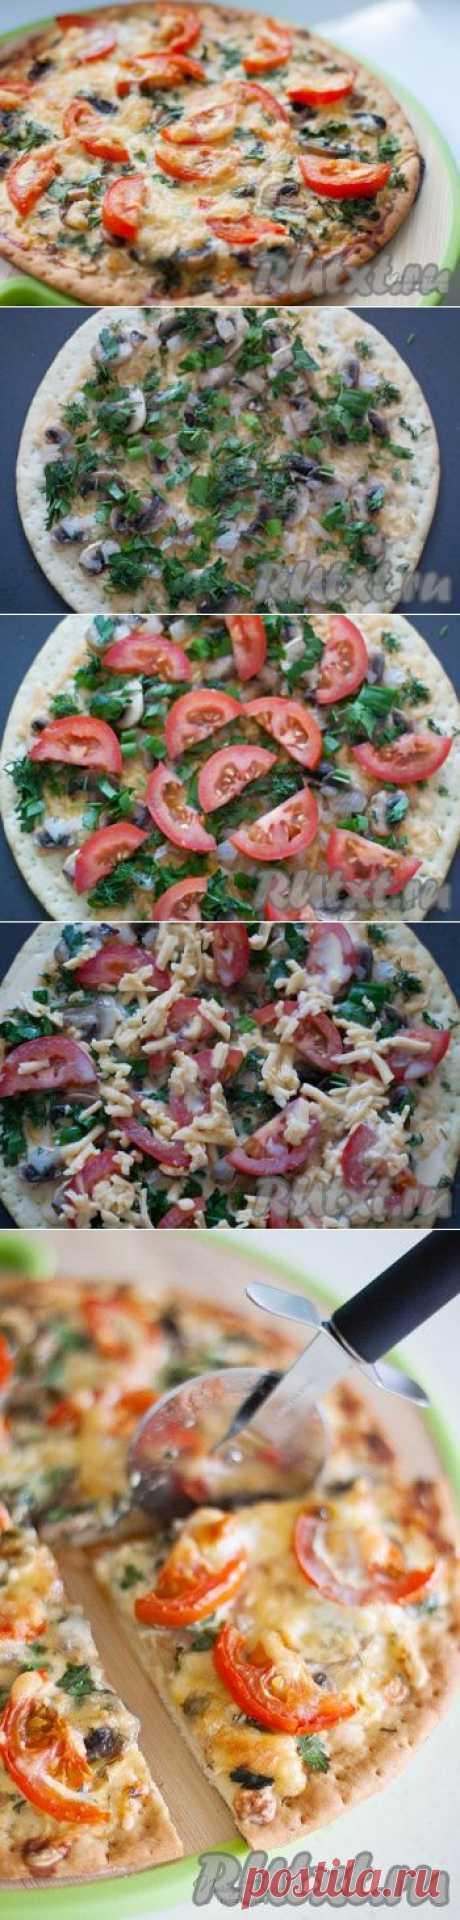 Пицца по-французски (рецепт с фото)   RUtxt.ru